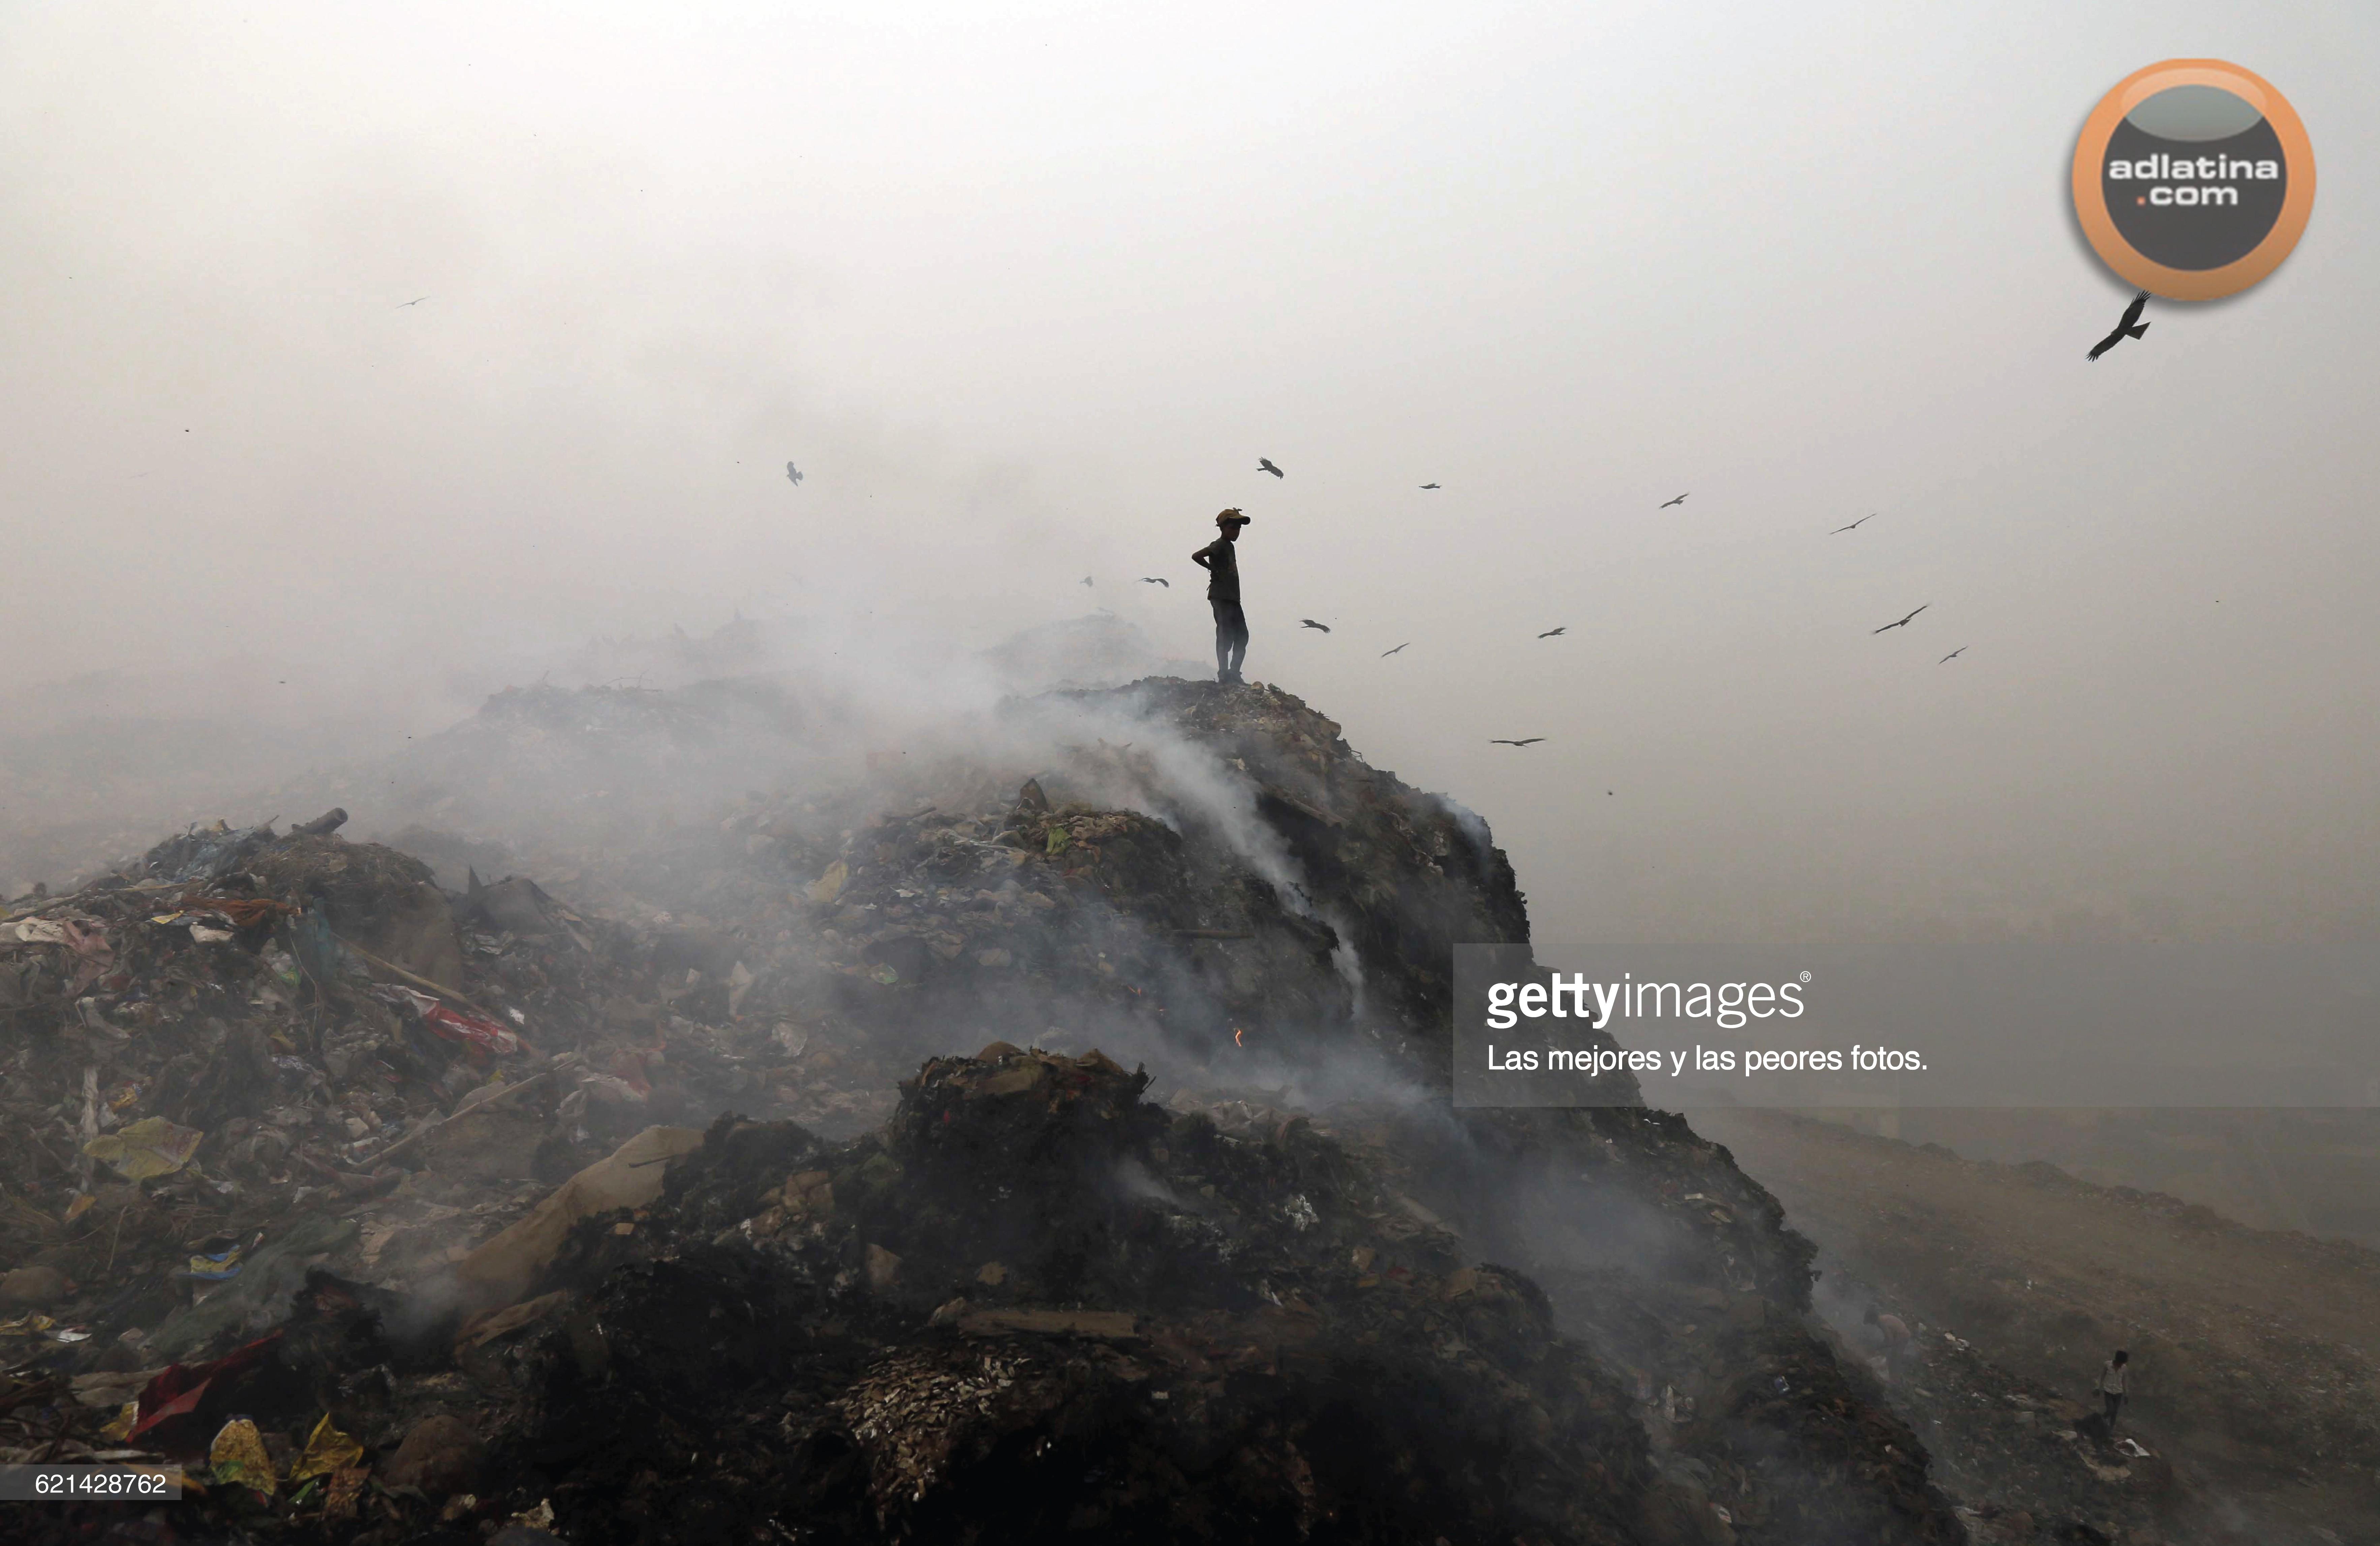 1. Lixo. Getty Images. DDB Argentina. A partir de Adlatina.